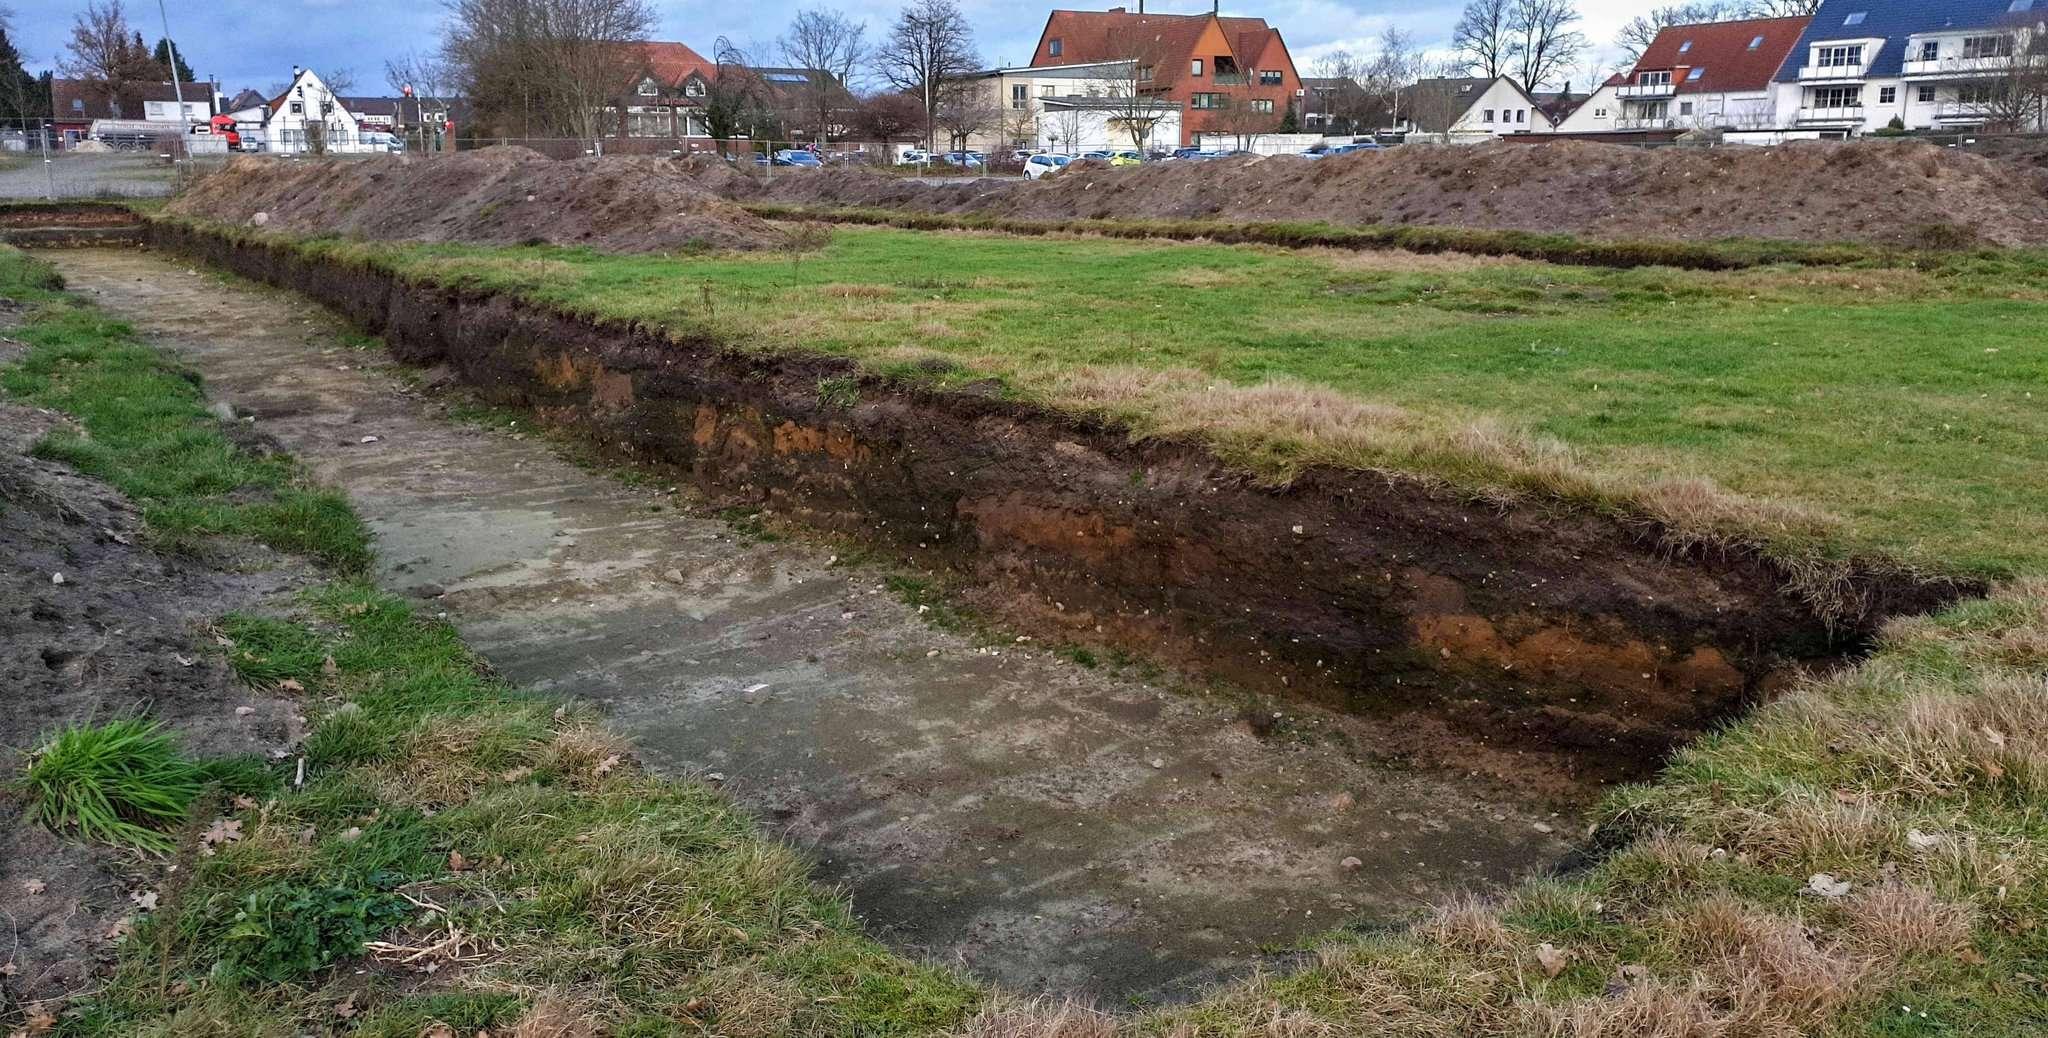 Grabungen der Kreisarchäologie auf dem alten Sportplatz sorgen für Verzögerung bei der Umsetzung der